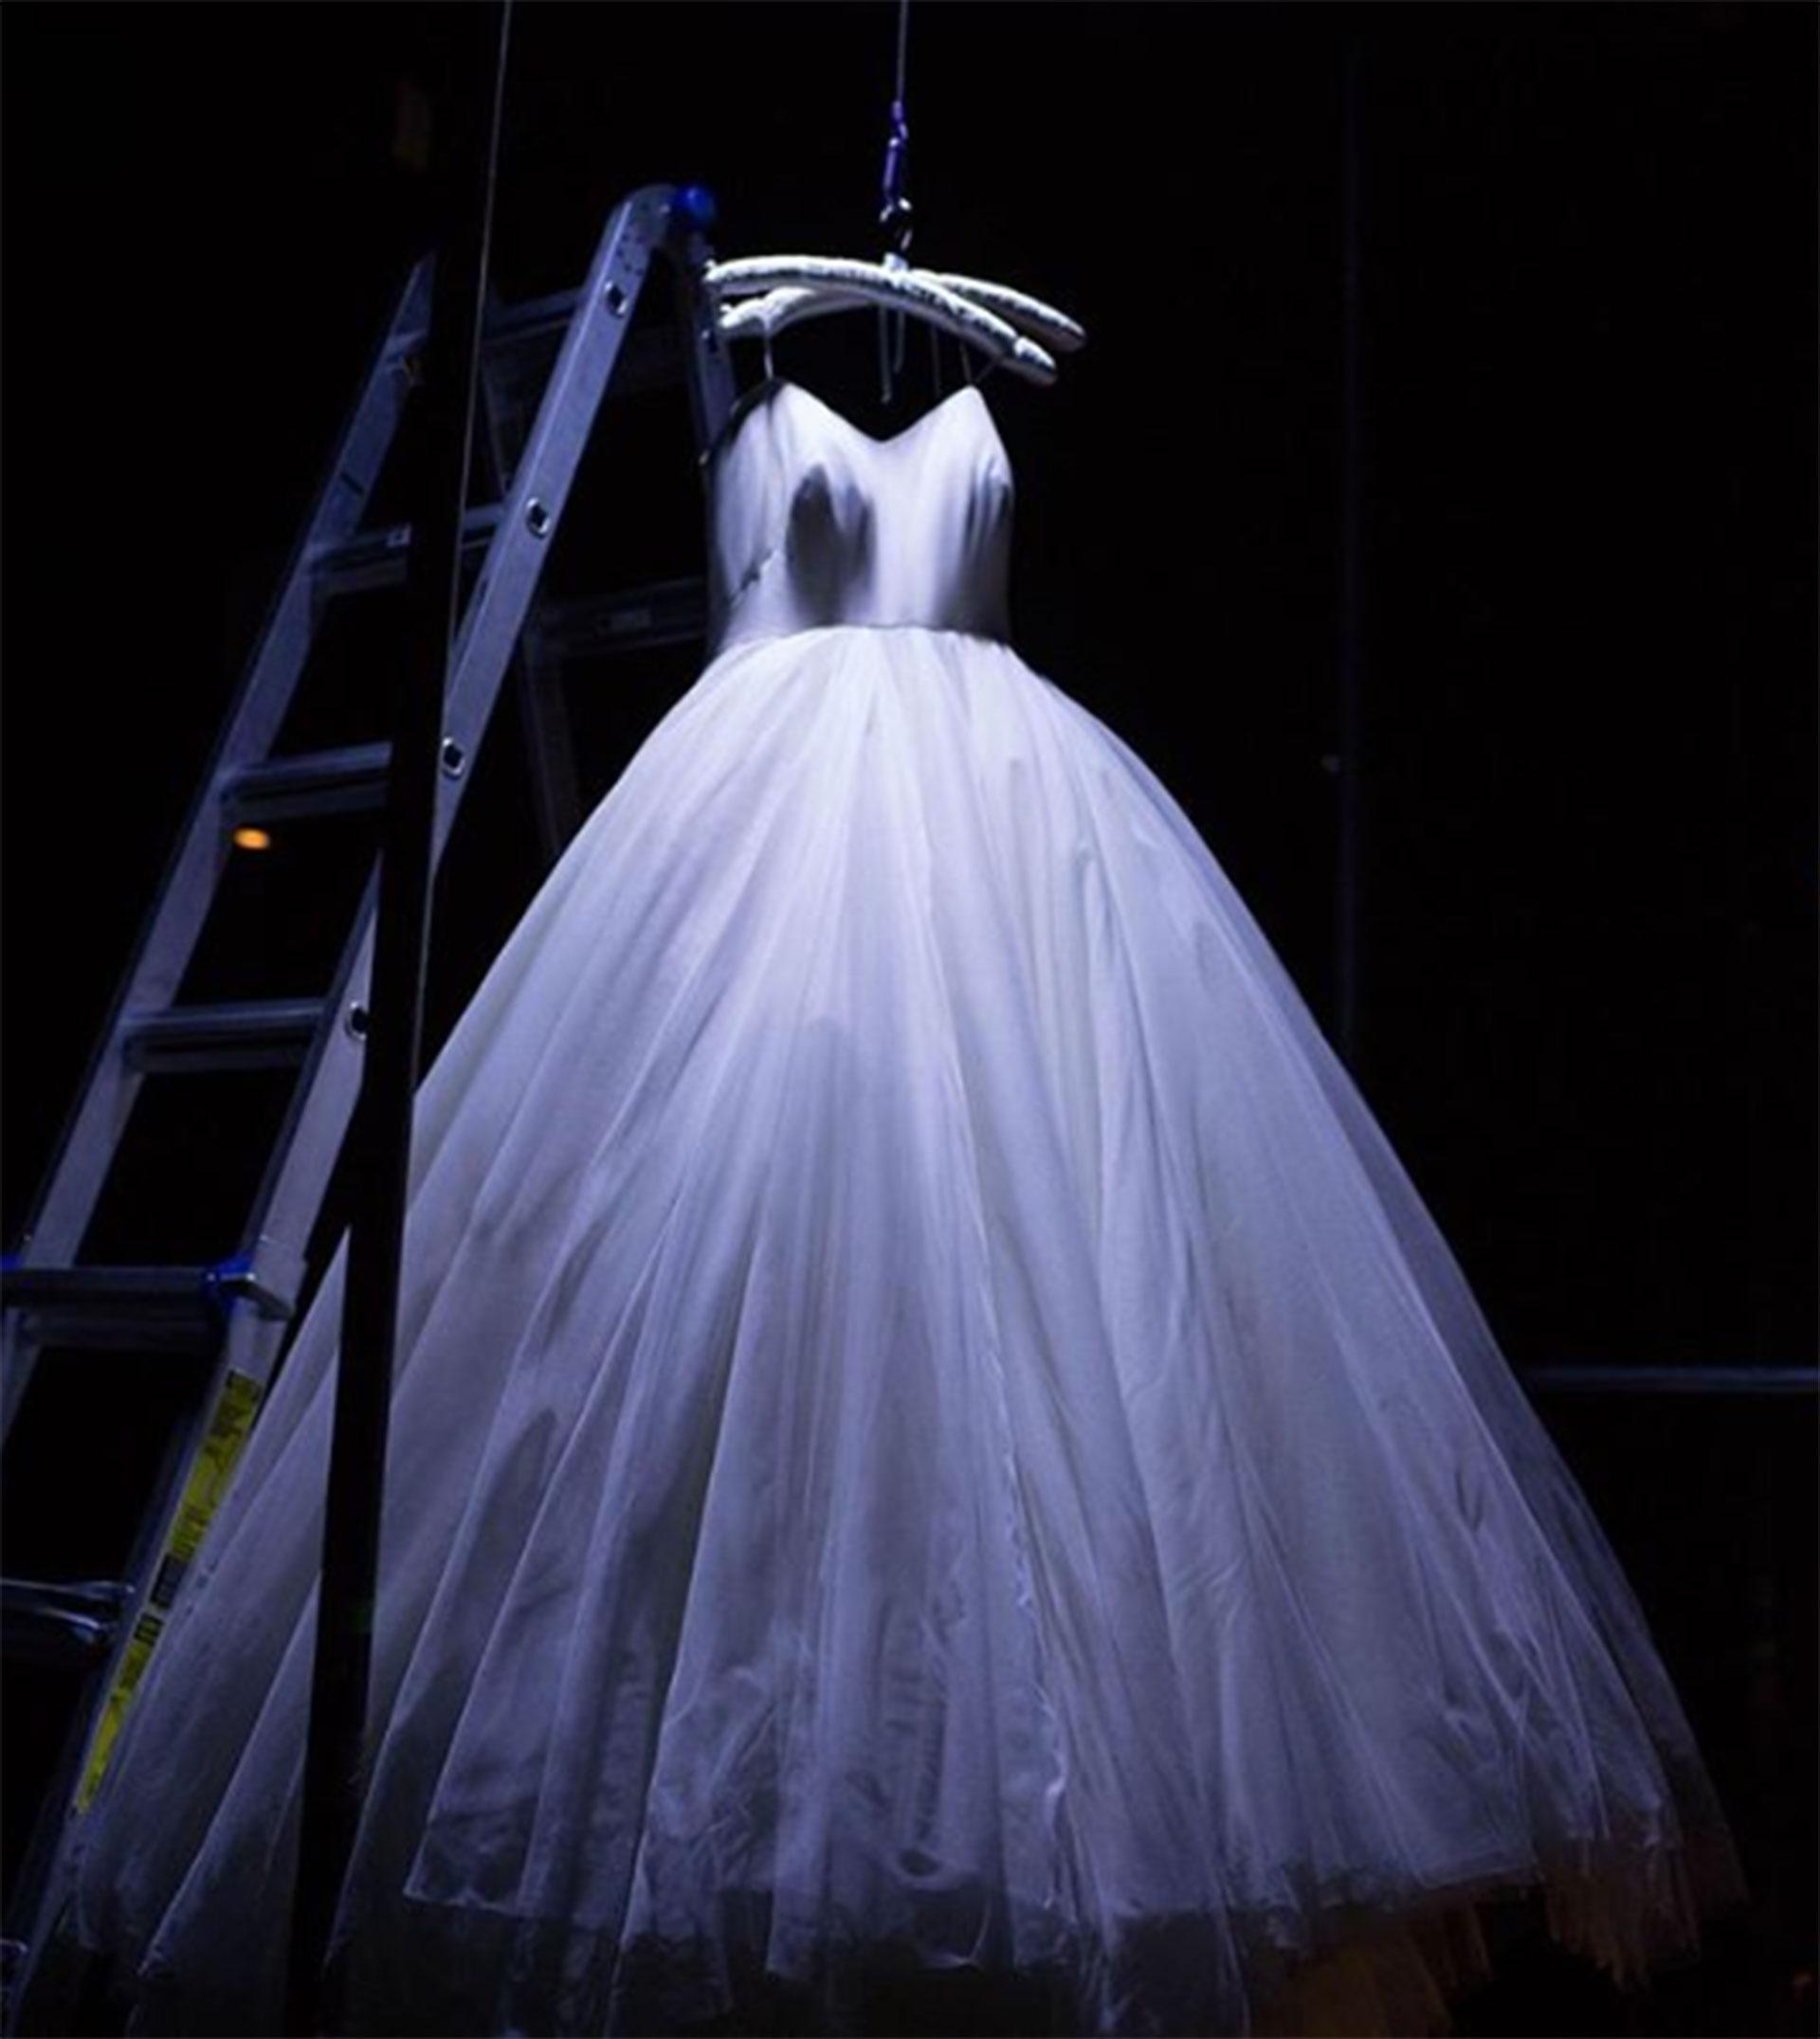 Para la ceremonia, Serena eligió un modelo de Alexander McQueen con un corte de vestido de baile del que se enamoró al viajar a Londres para elegir el vestuario.